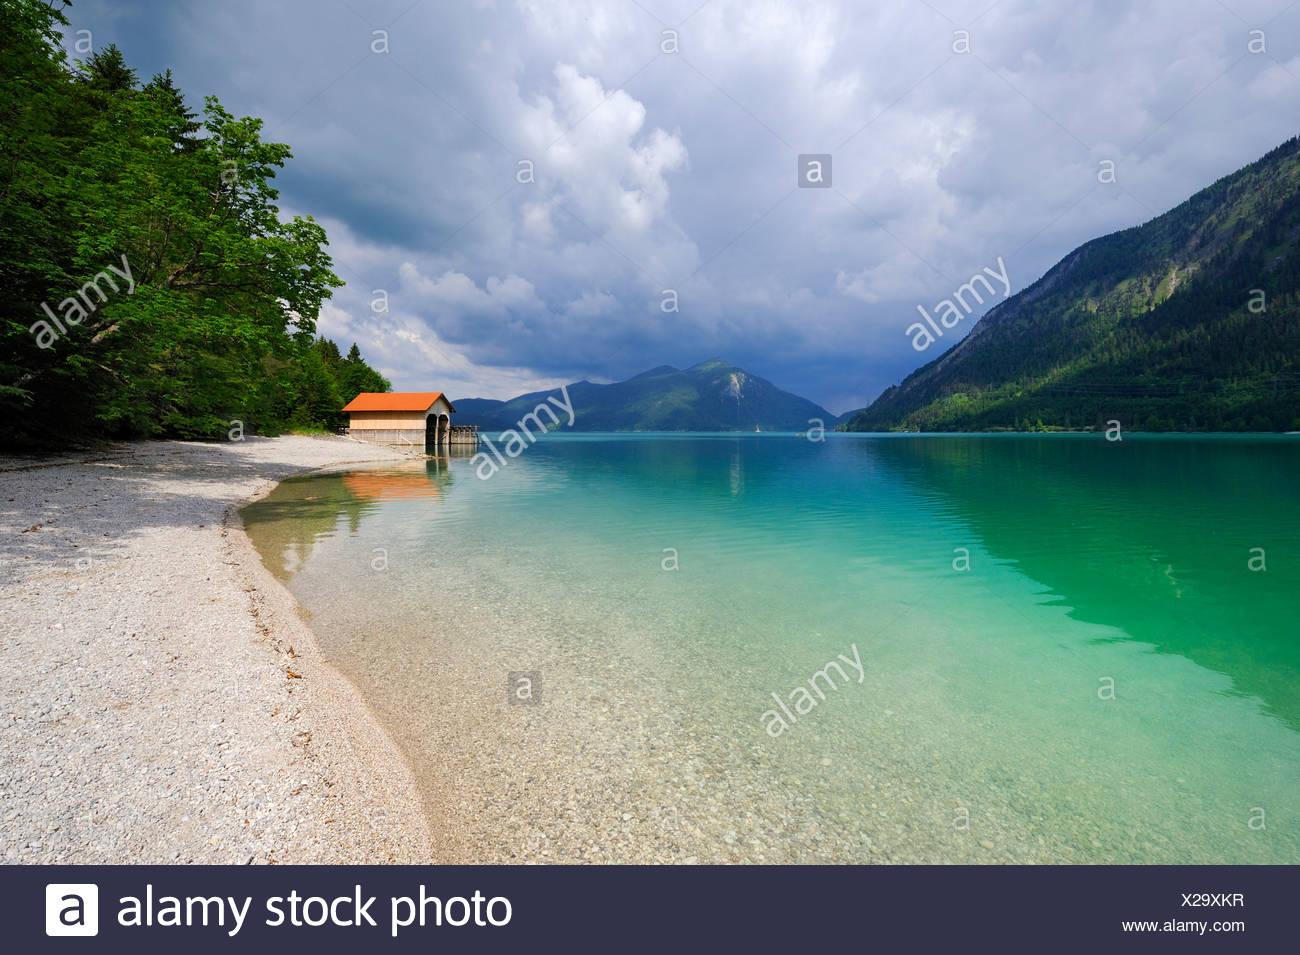 Bateaux sur le lac Walchensee, Mt. Jochberg sur l'horizon, district de Bad Toelz-Wolfratshausen, Bavaria, Germany, Europe Photo Stock